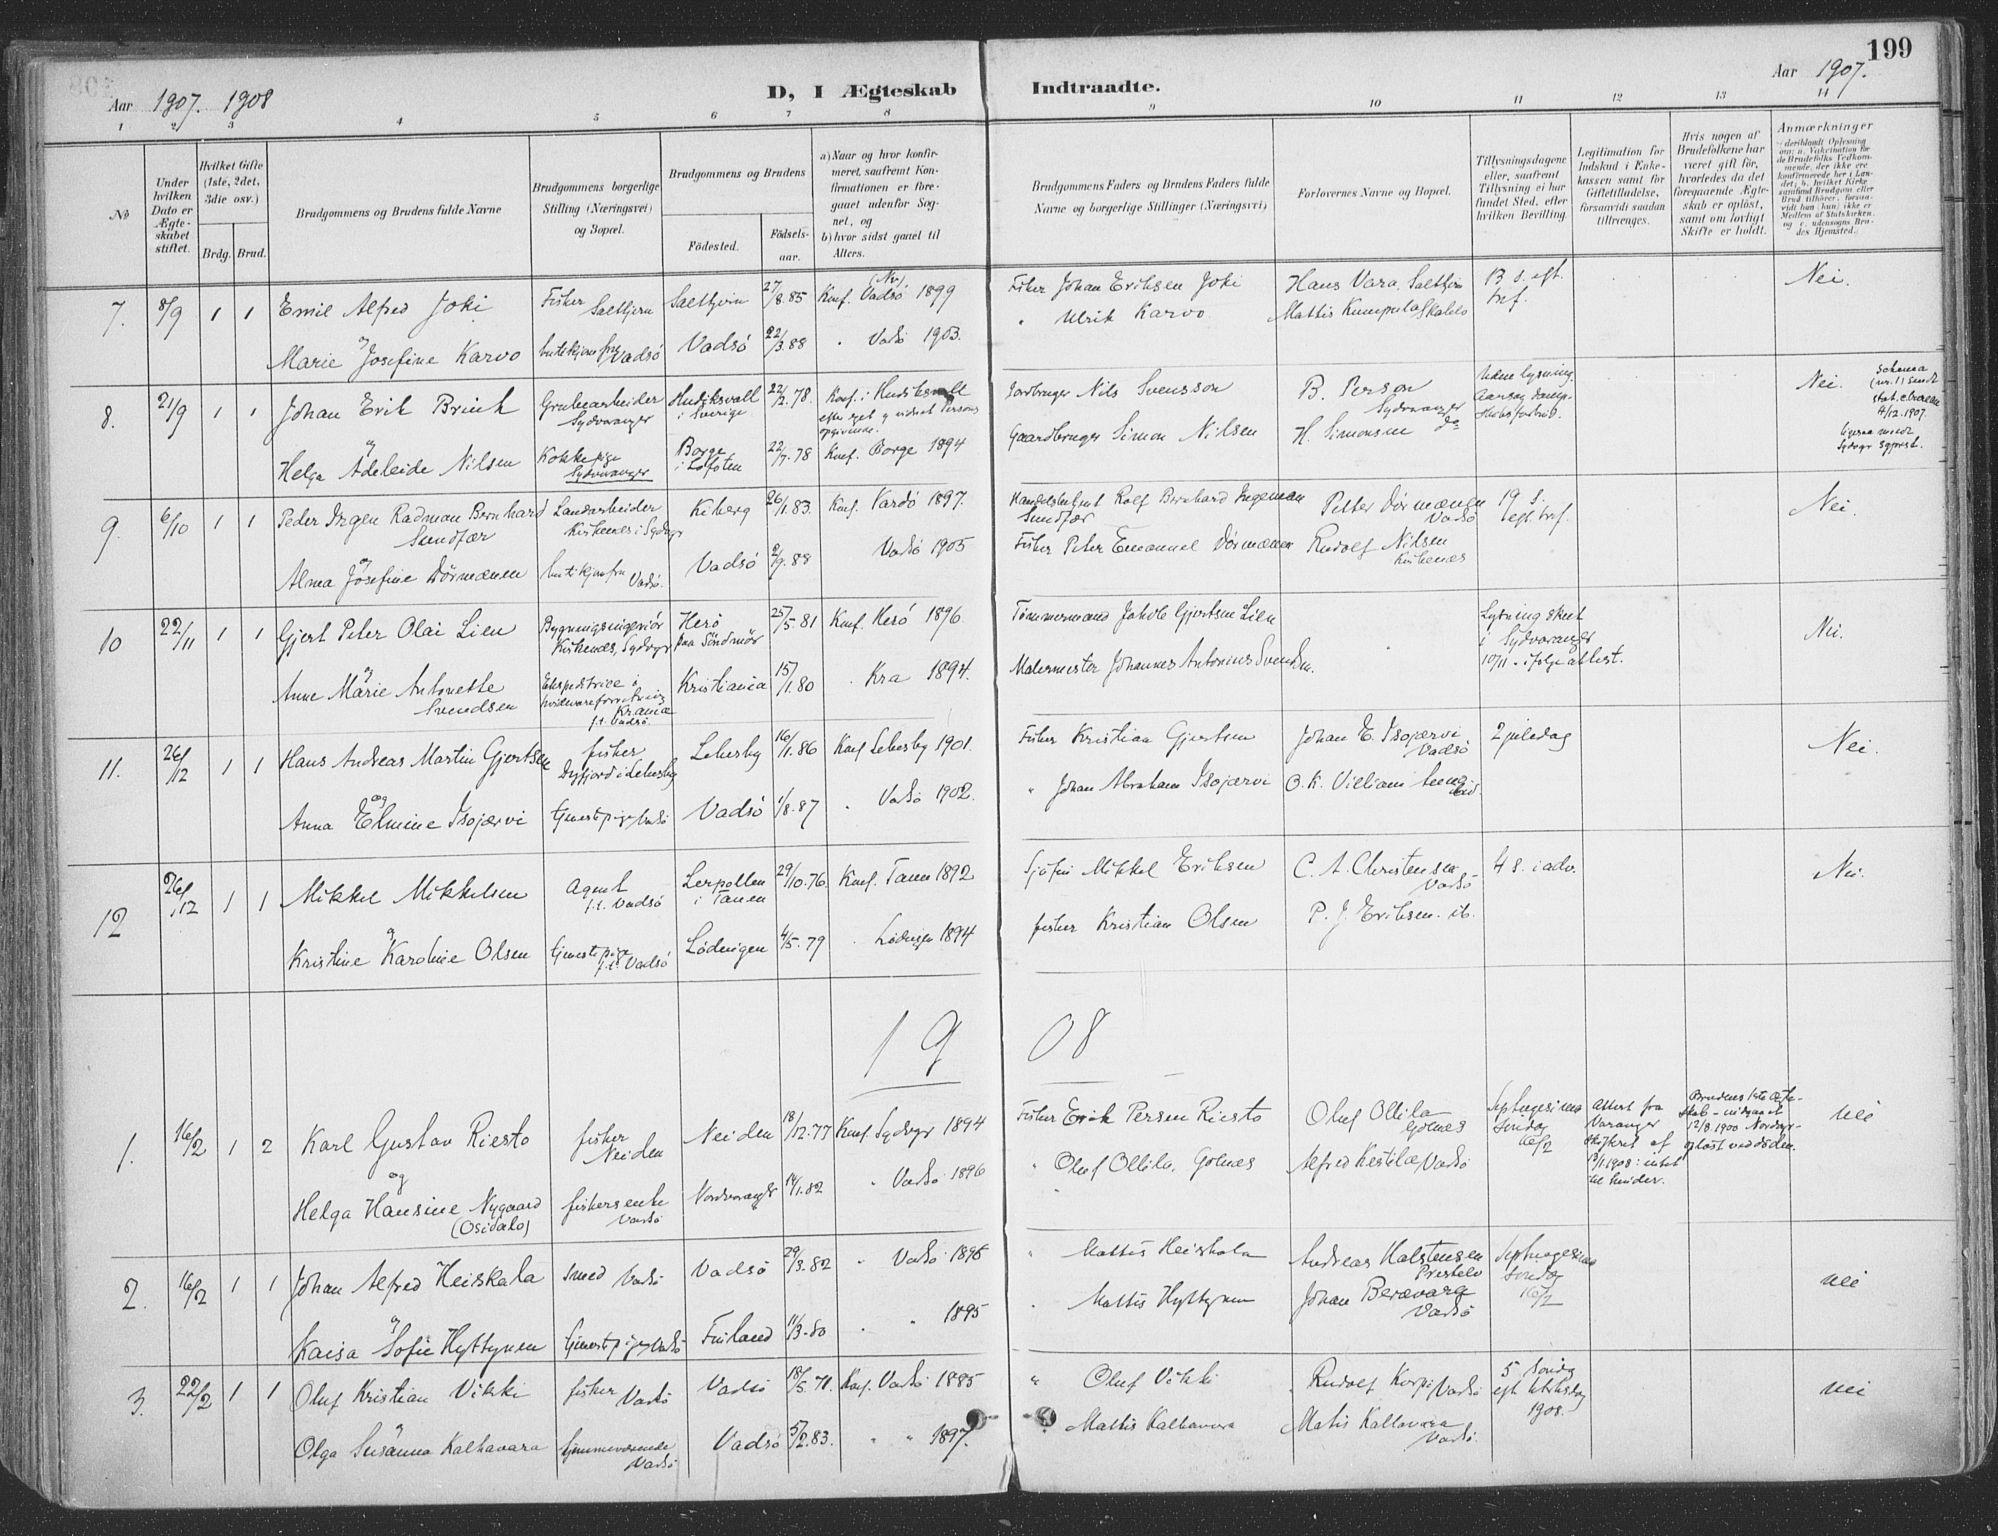 SATØ, Vadsø sokneprestkontor, H/Ha/L0007kirke: Ministerialbok nr. 7, 1896-1916, s. 199